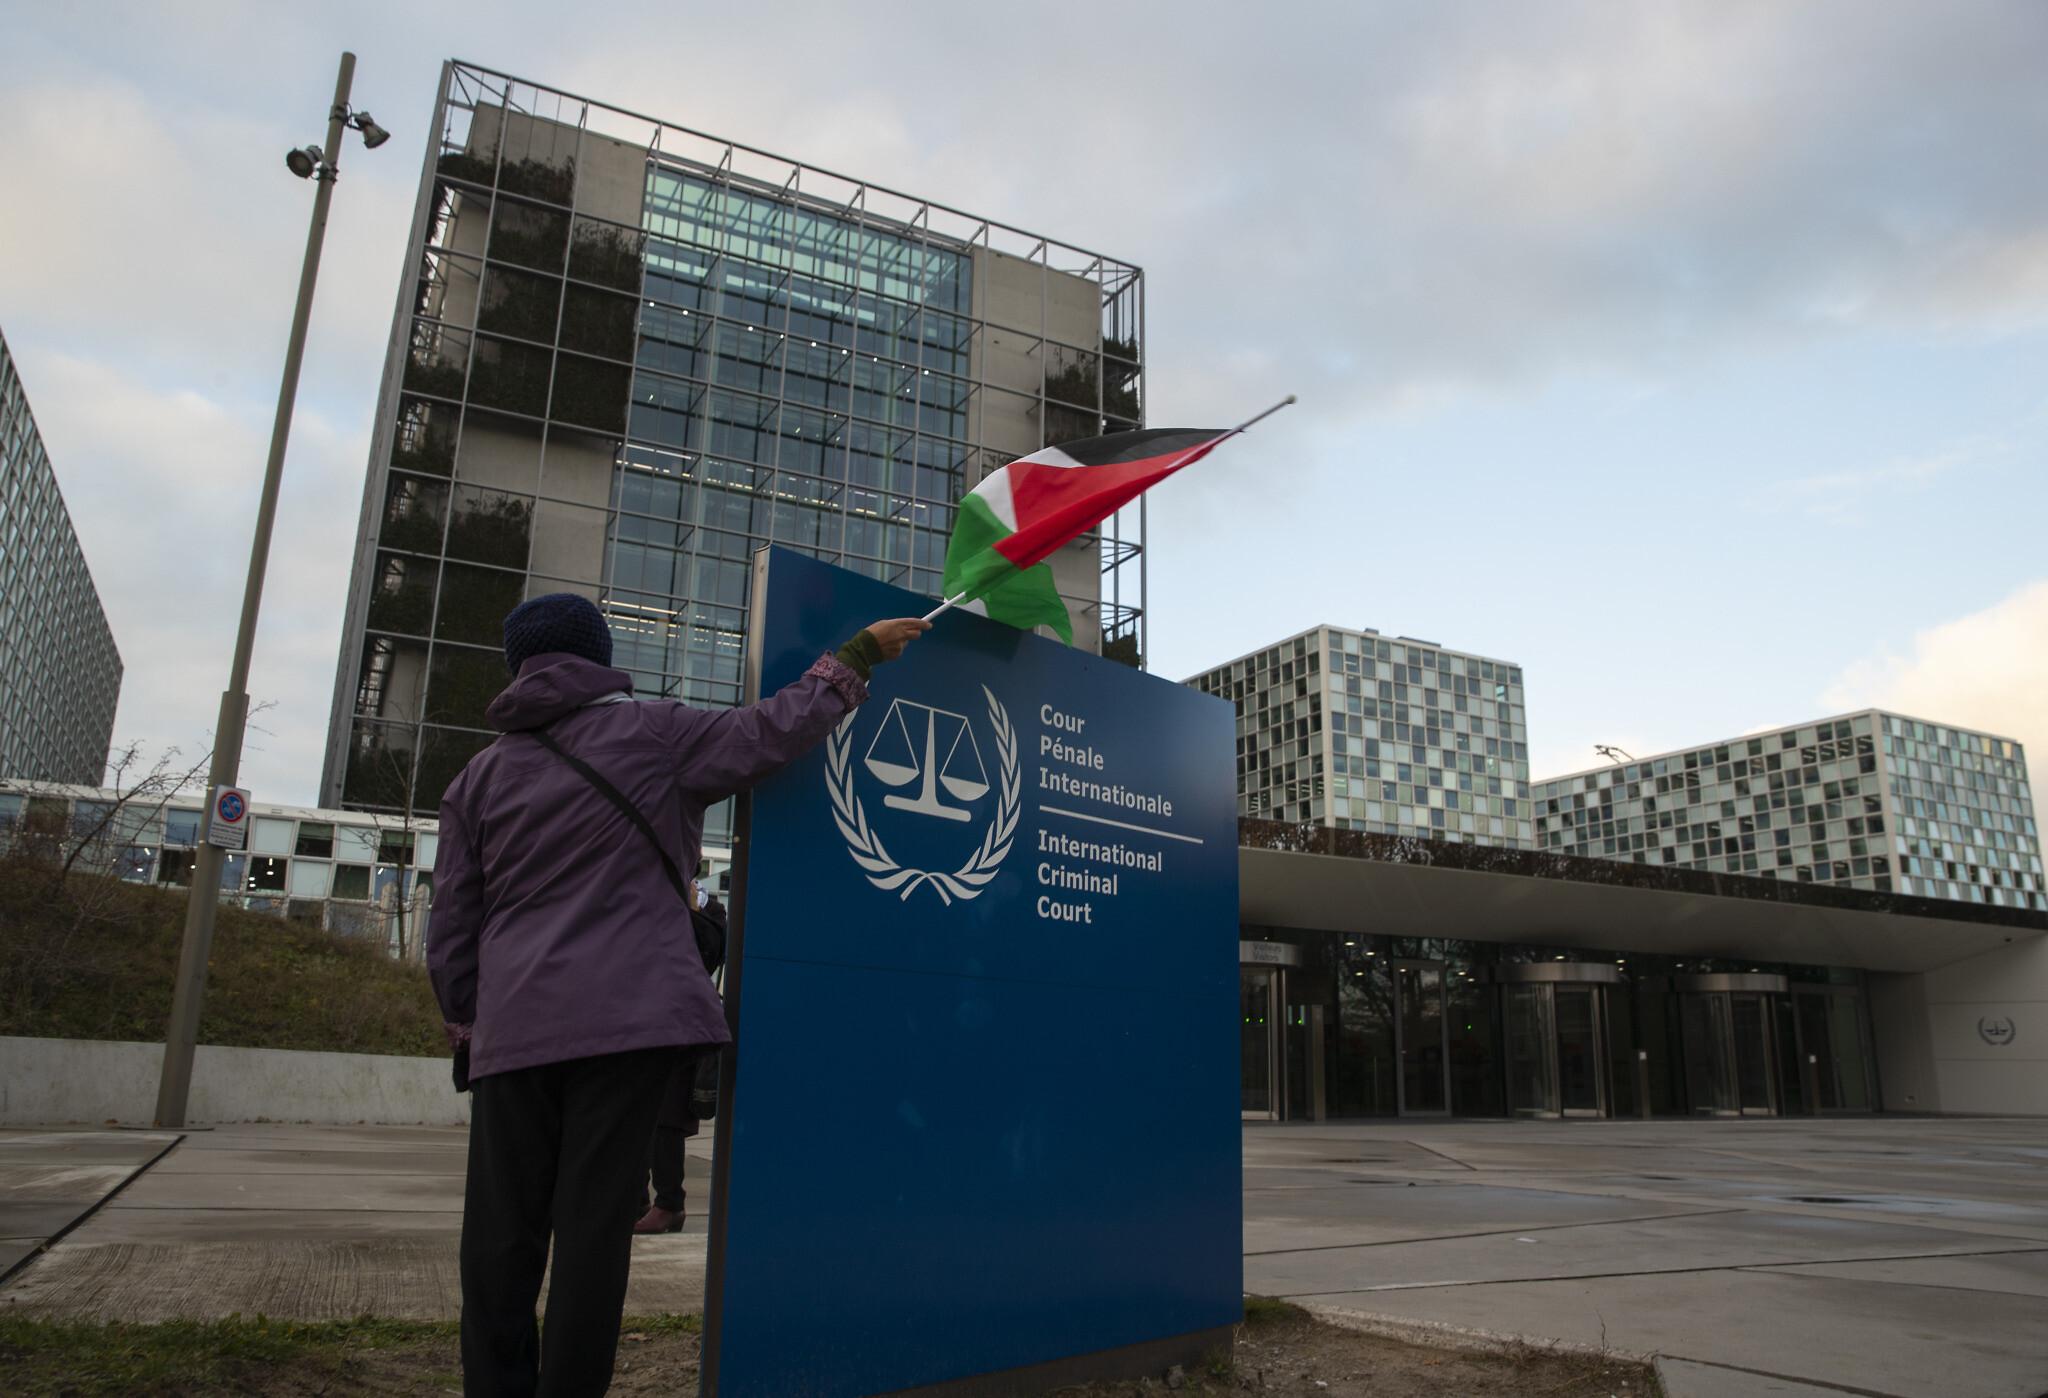 رئيس ميرتس: إسرائيل جلبت على نفسها قرار المحكمة الجنائية الدولية